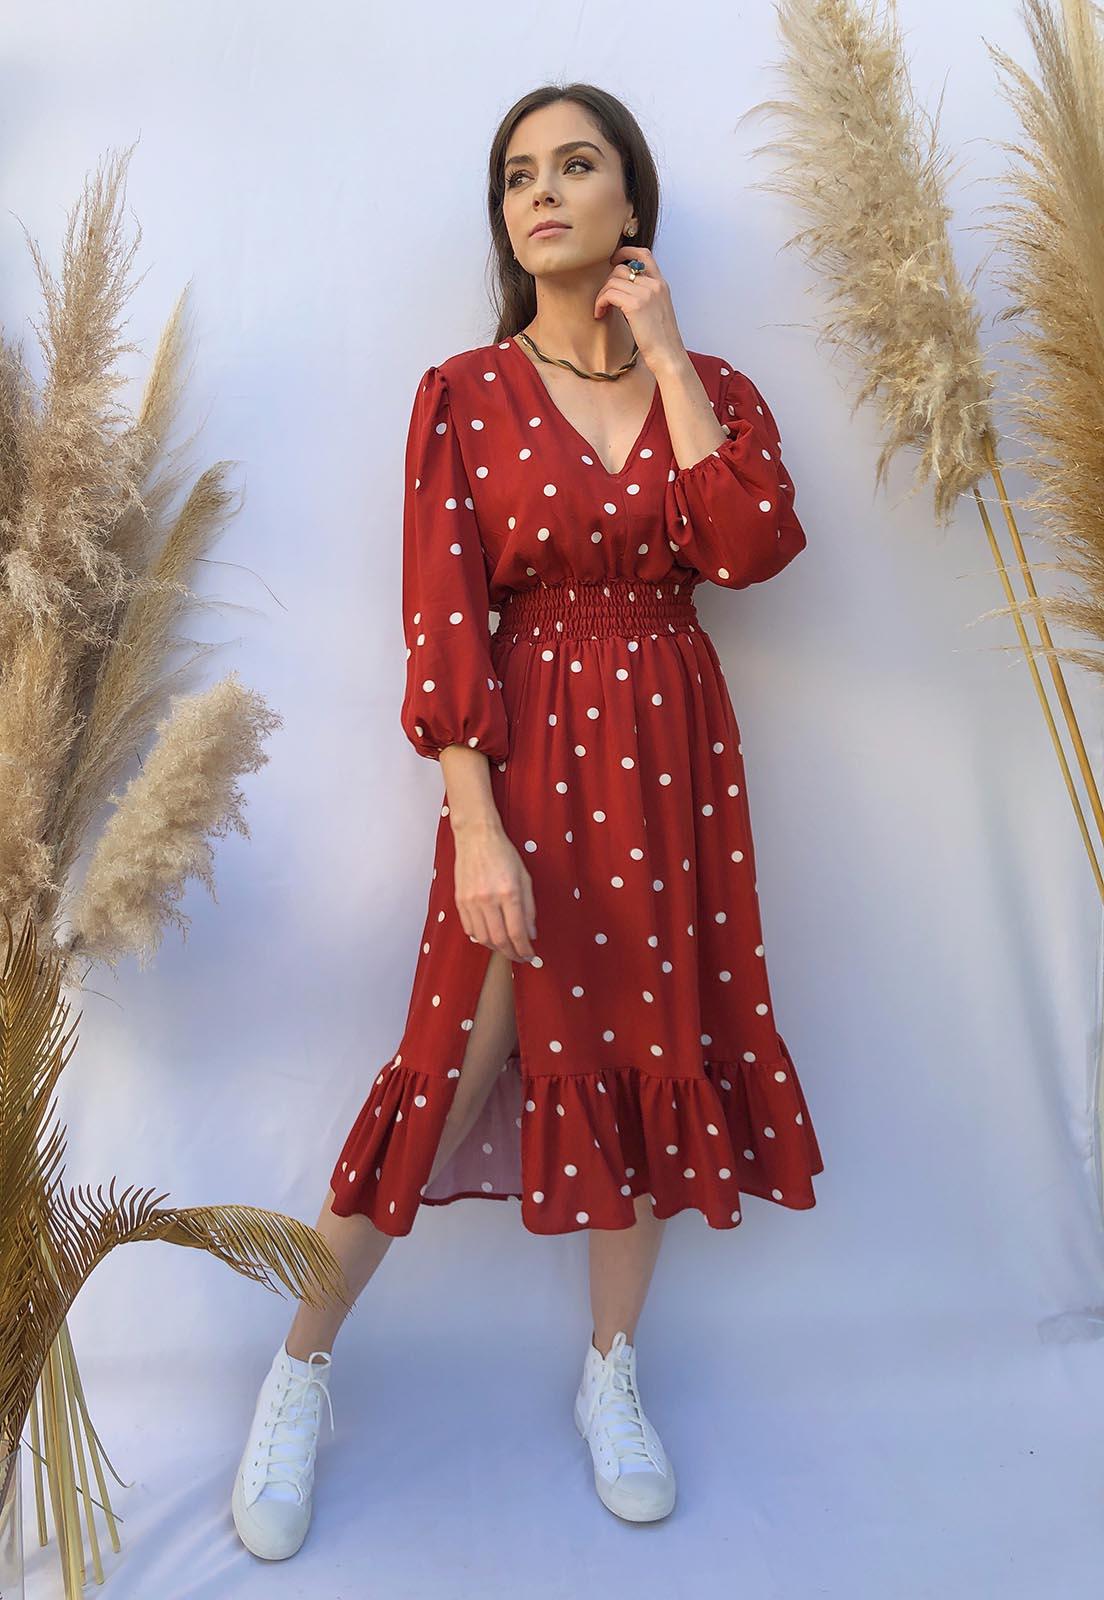 Vestido Midi fenda Poás Vermelho Terracota